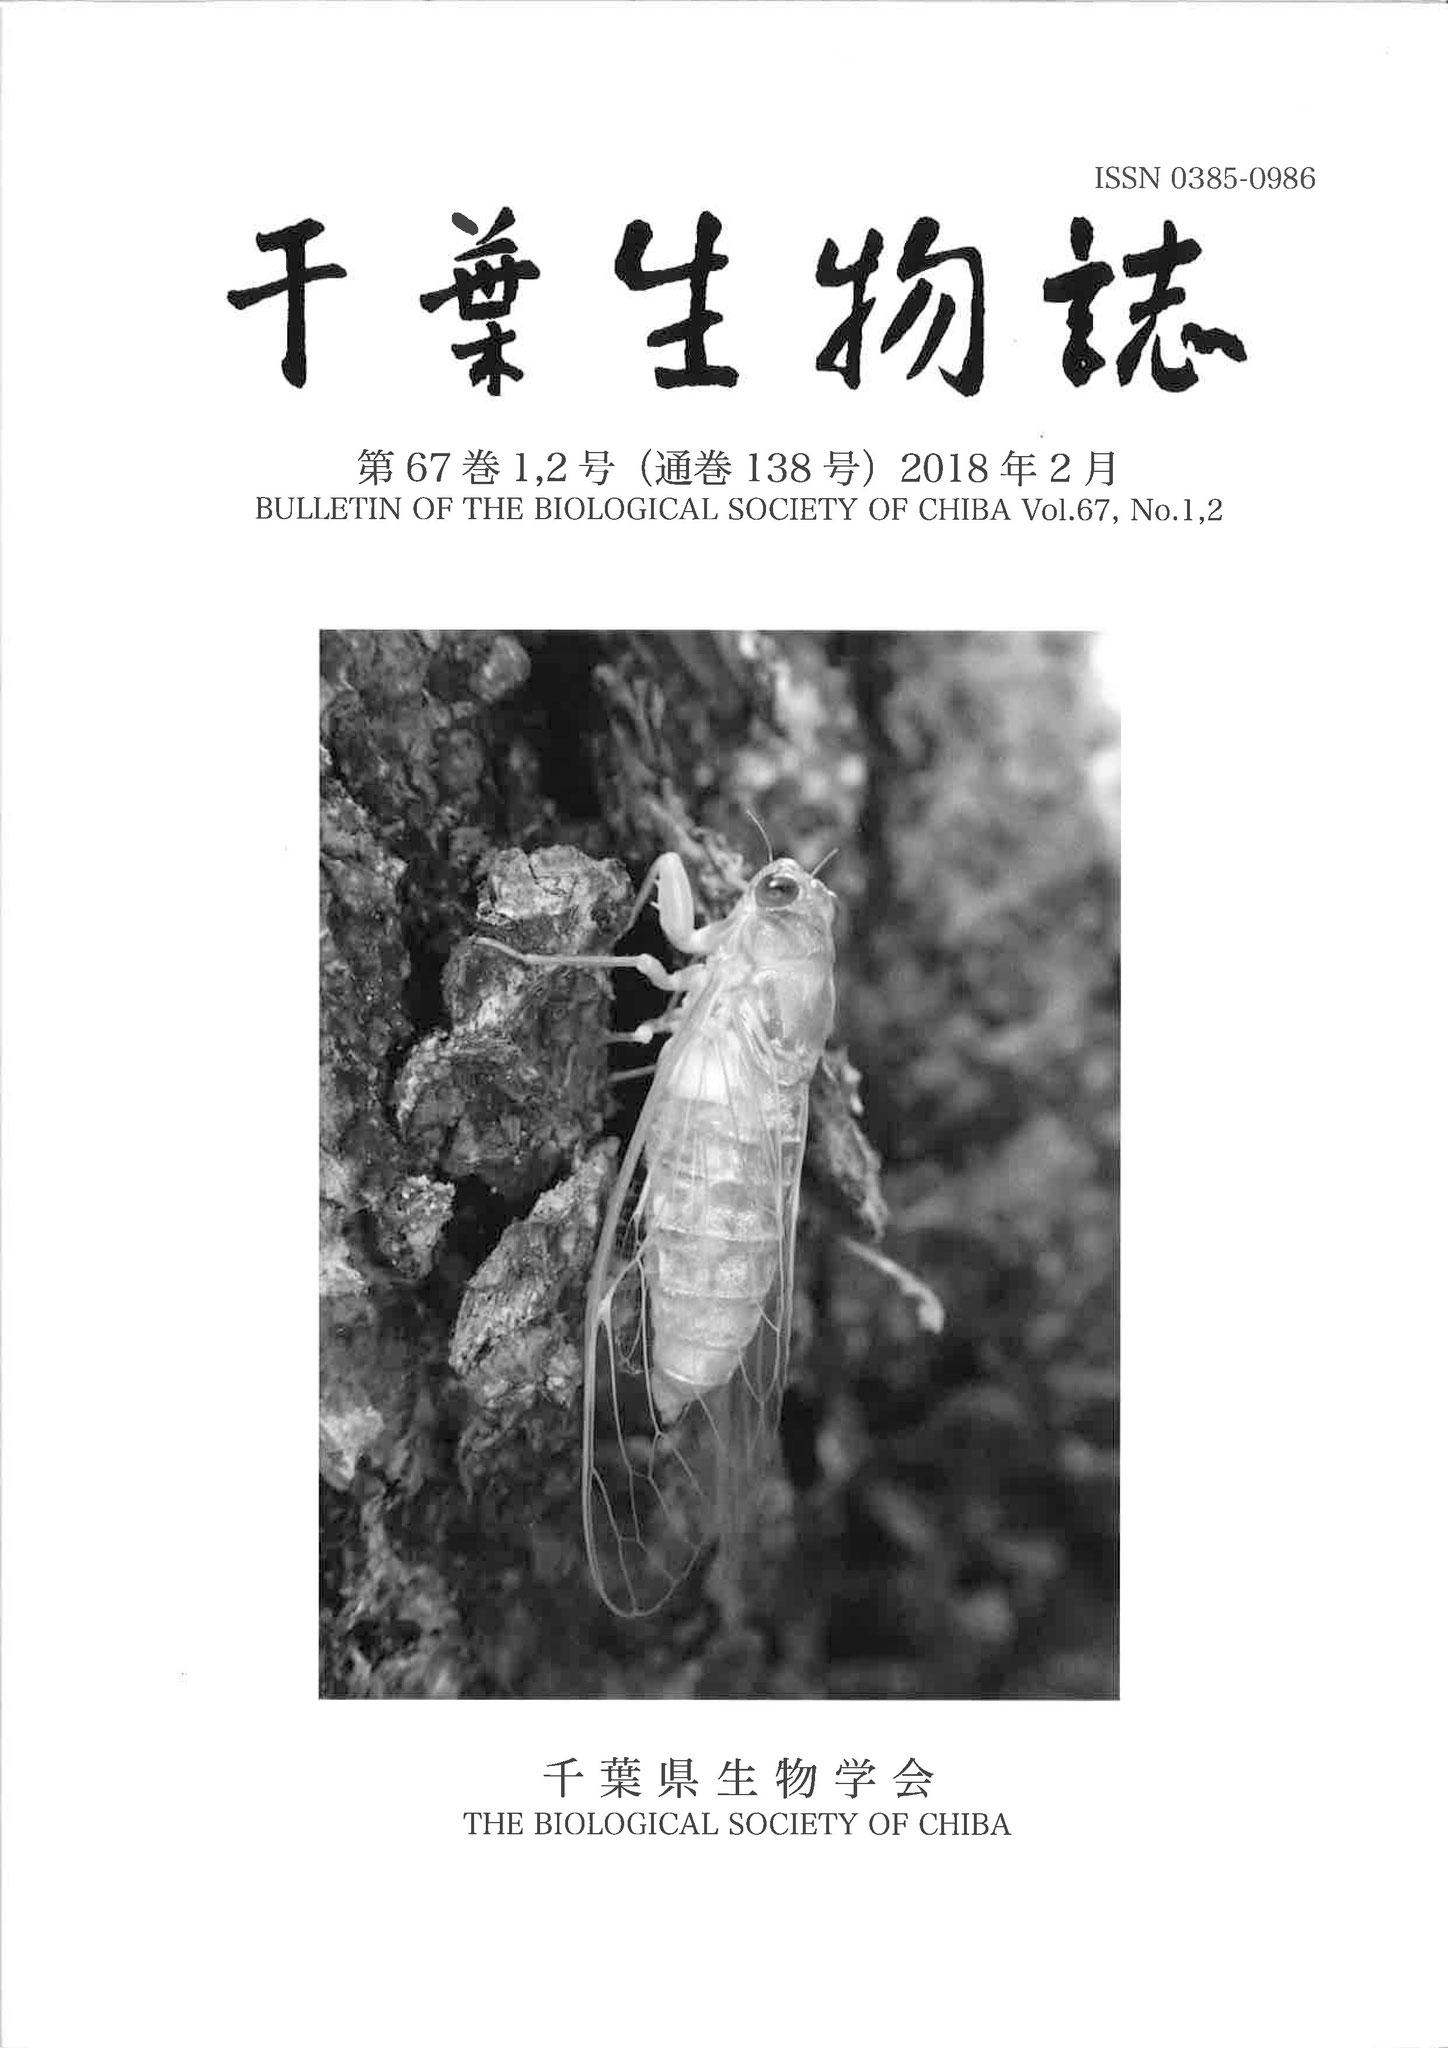 千葉生物誌 133号(64巻2号)2015年2月